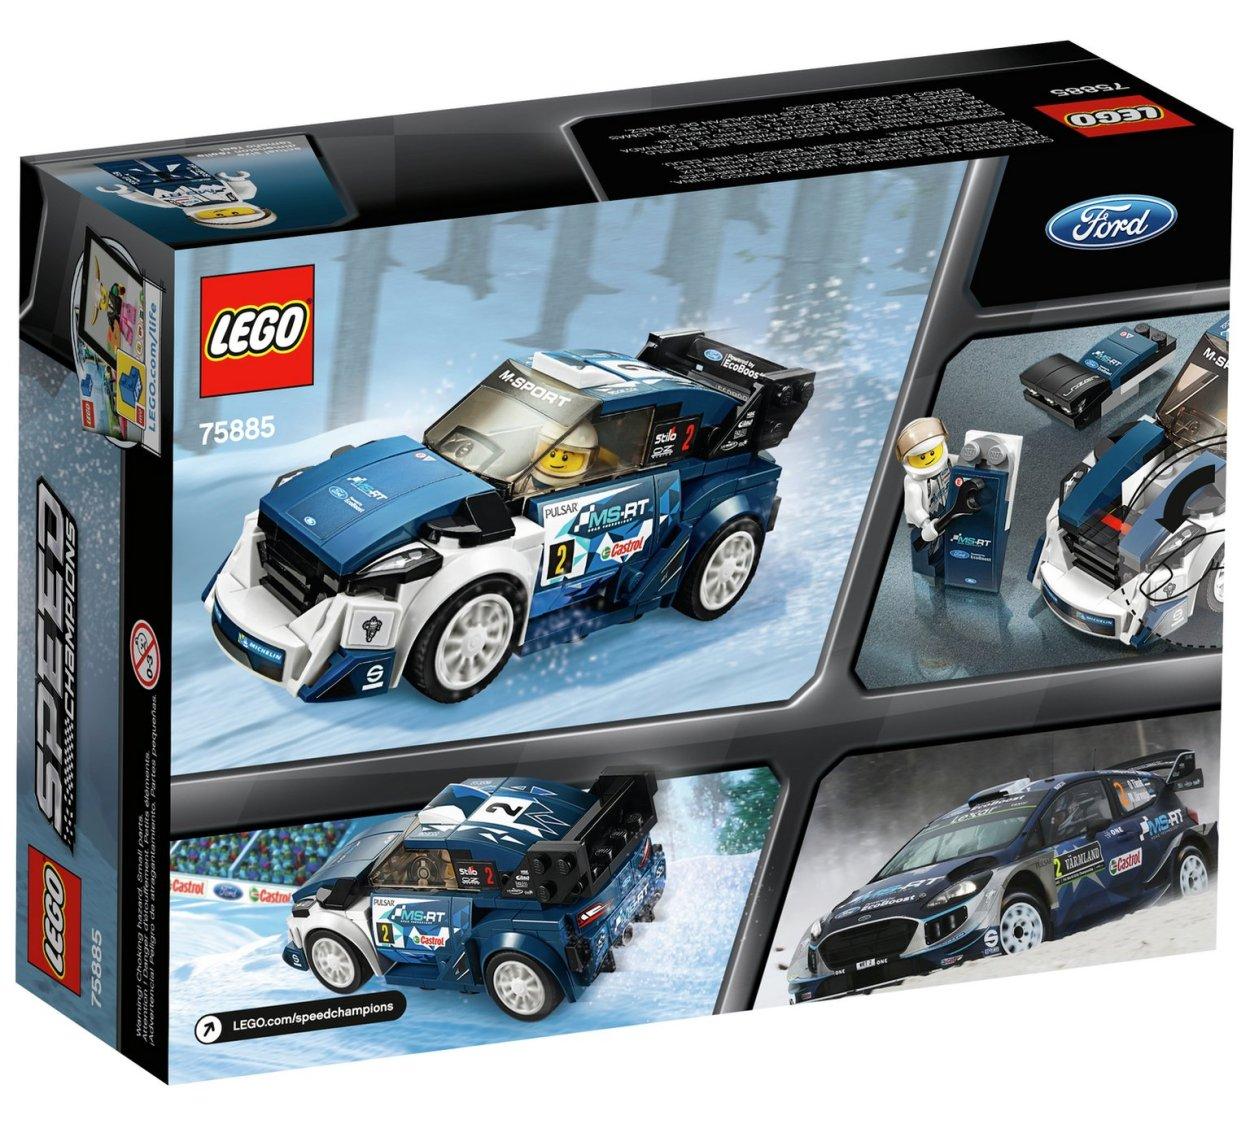 Ford Fiesta Wrc 2018 >> Voor de racefans: de nieuwe 2018 LEGO Speed Champions-sets - WANT